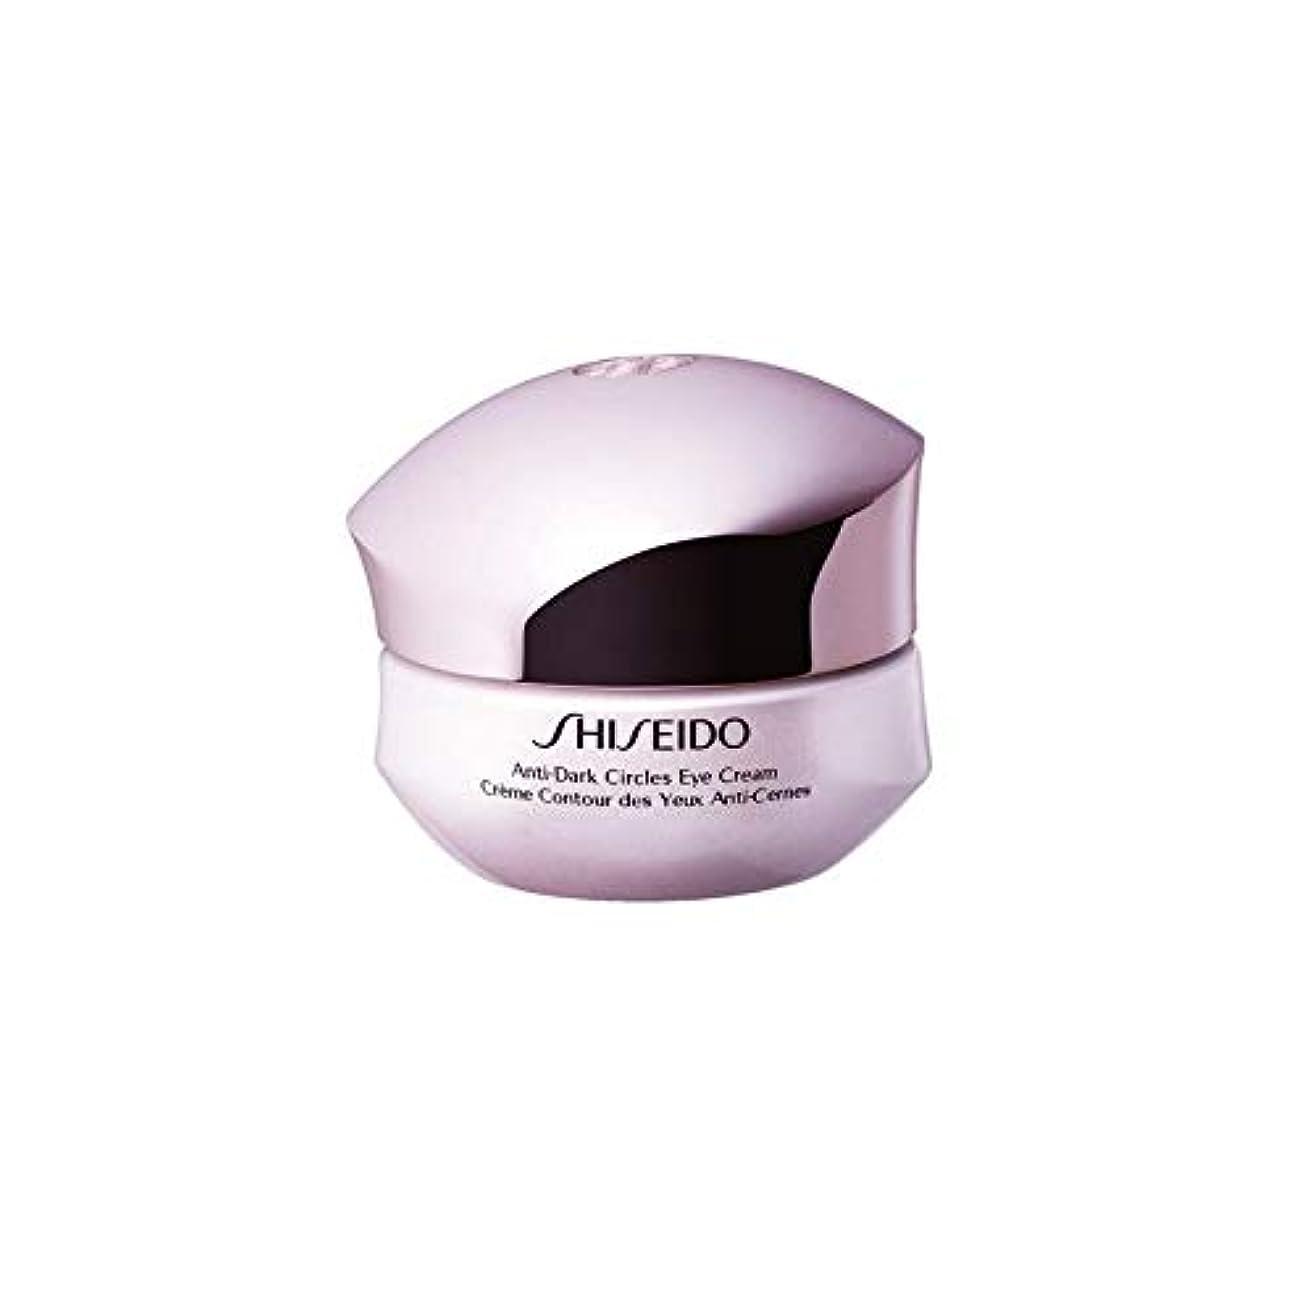 サービスかび臭い攻撃的[Shiseido] 資生堂Antidark円アイクリーム(15ミリリットル) - Shiseido Antidark Circles Eye Cream (15ml) [並行輸入品]